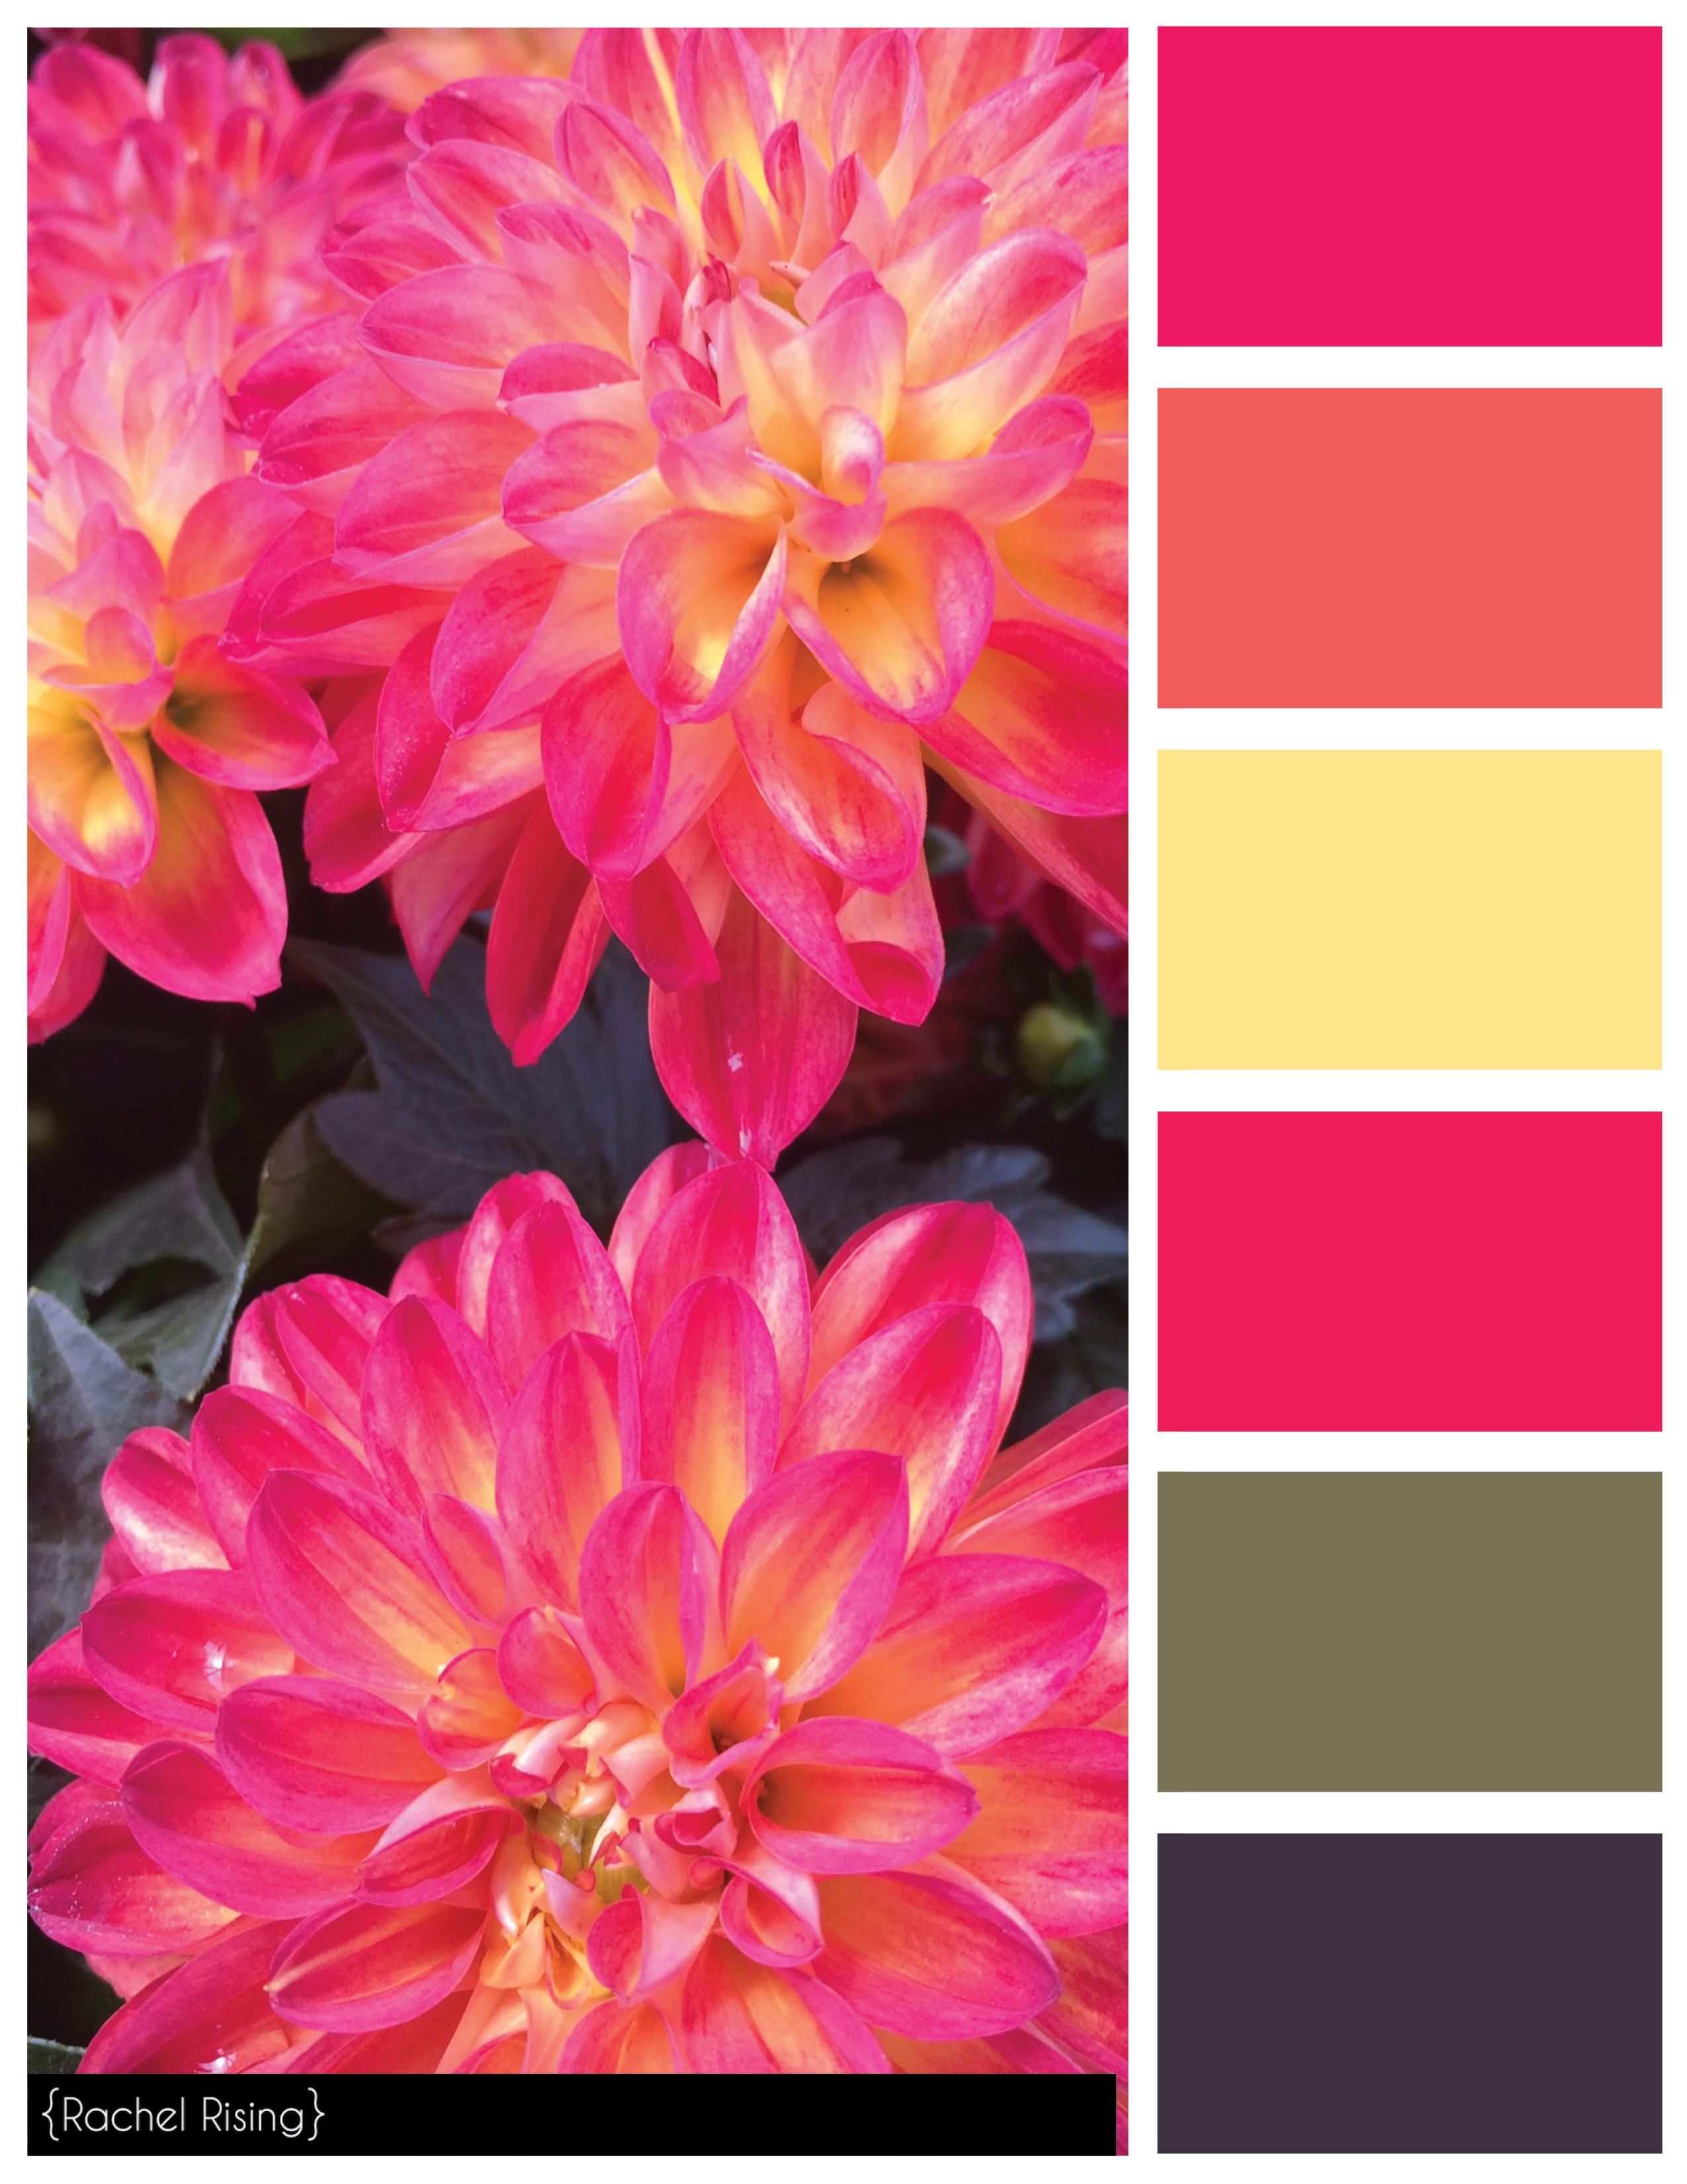 Rachelrisingdesign Color Swatches Color Schemes Color Blending